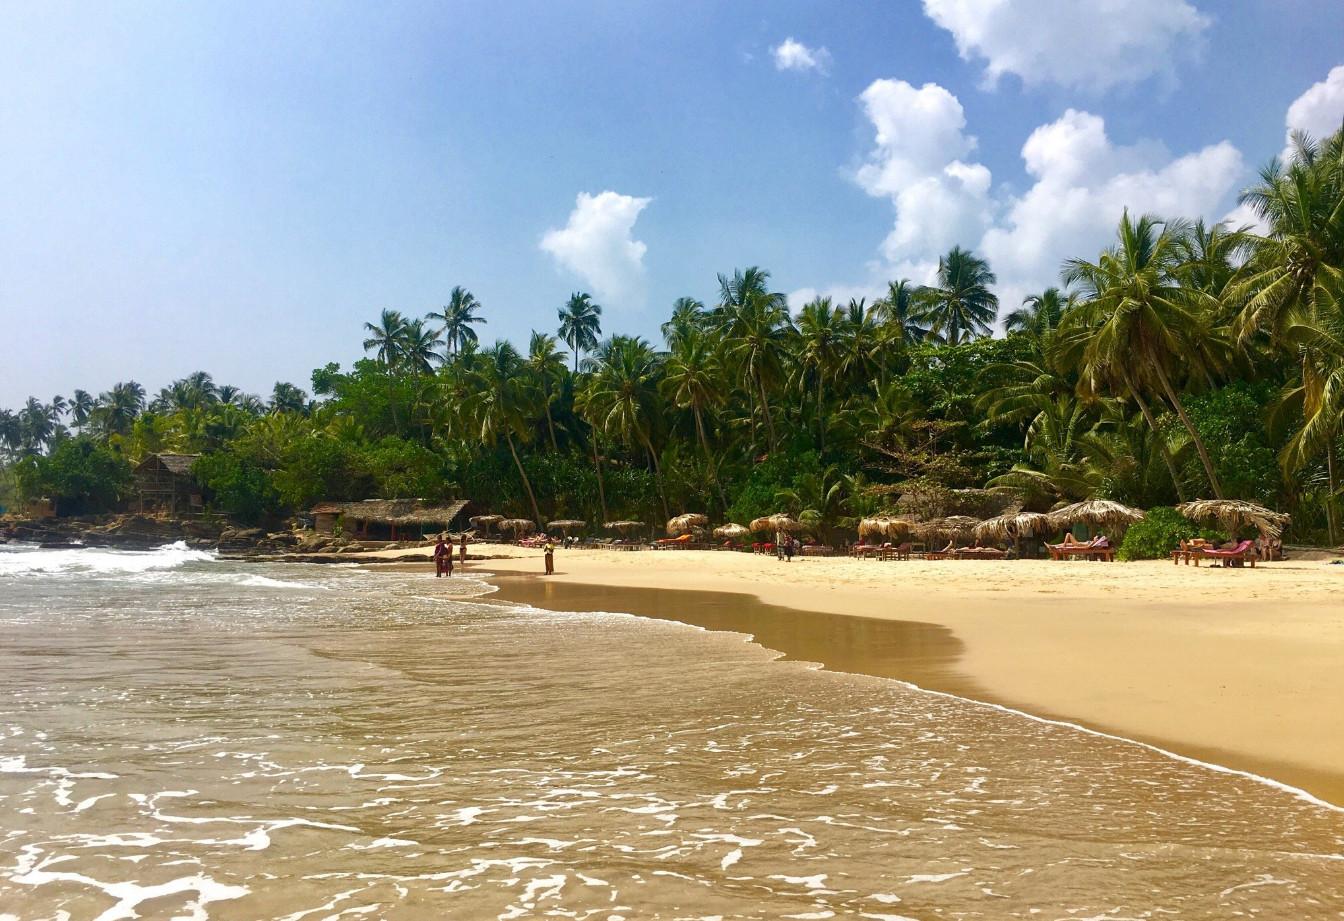 Пальмовая роща на пляже Гоямбокка